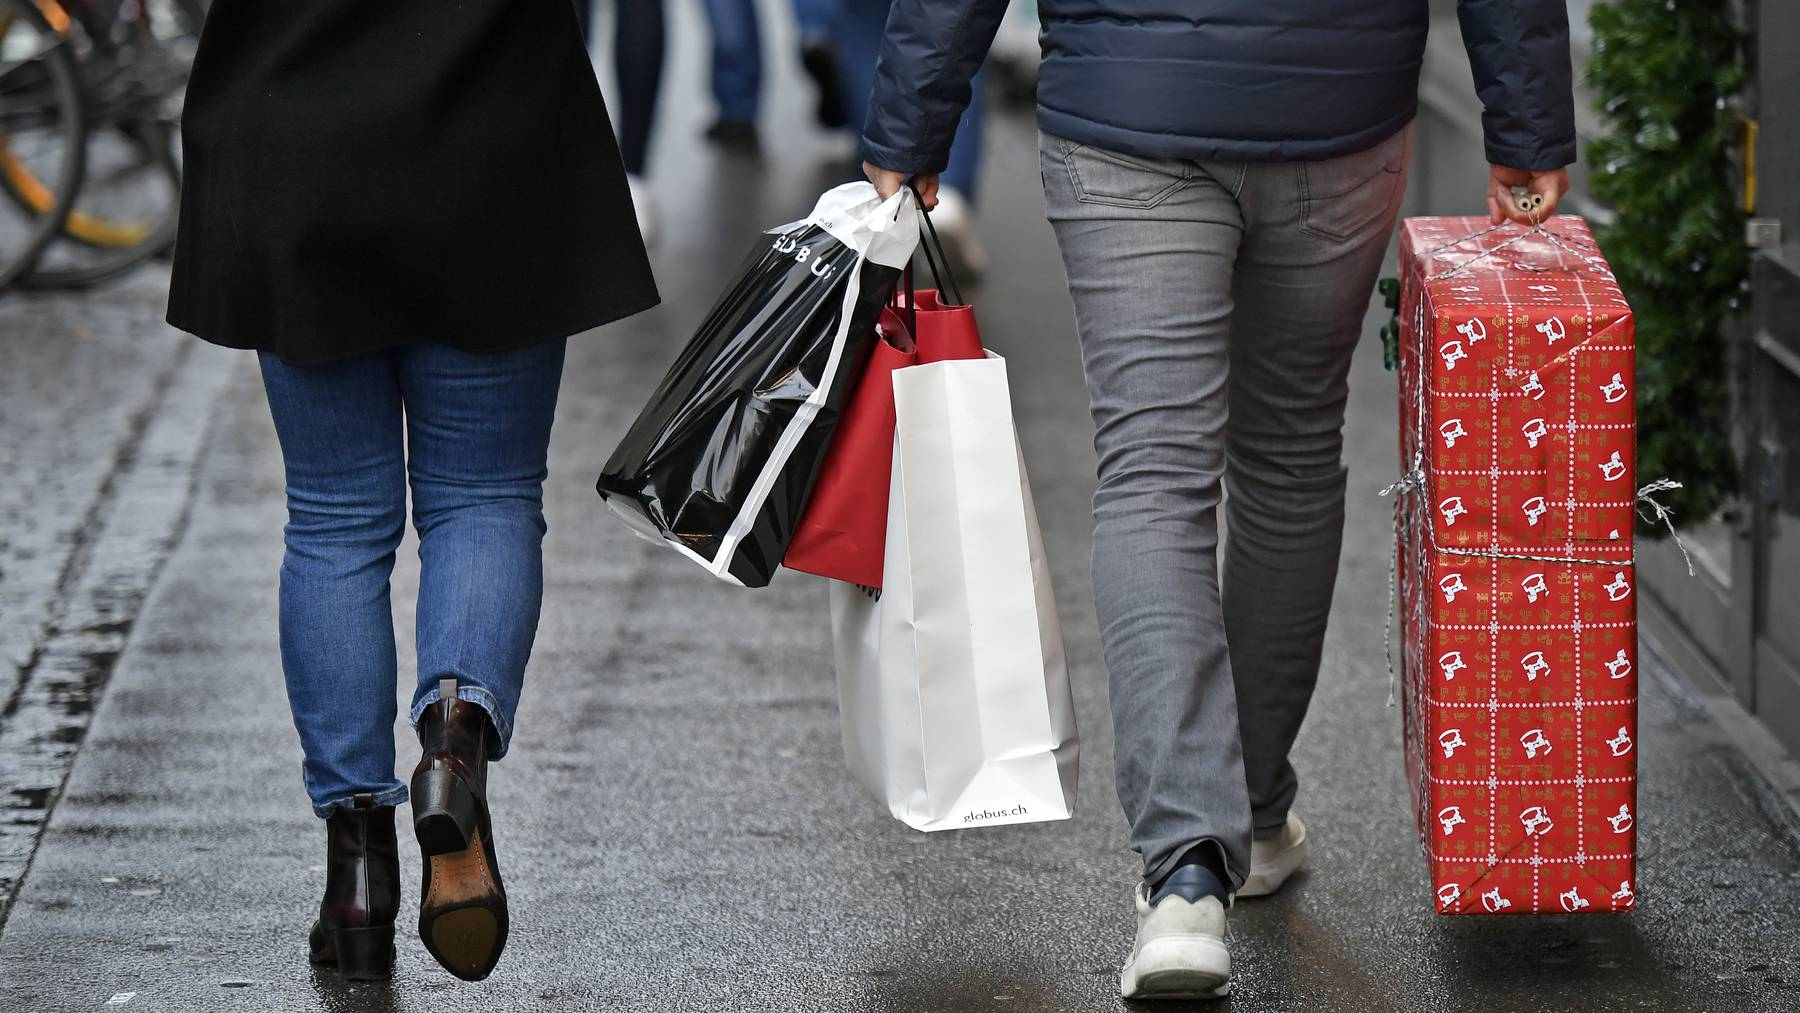 Geschenke Einkauf beim Sonntagsverkauf an der Zuercher Bahnhofstrasse am Sonntag, 22. Dezember 2019. / Weihnachtsgeschenk